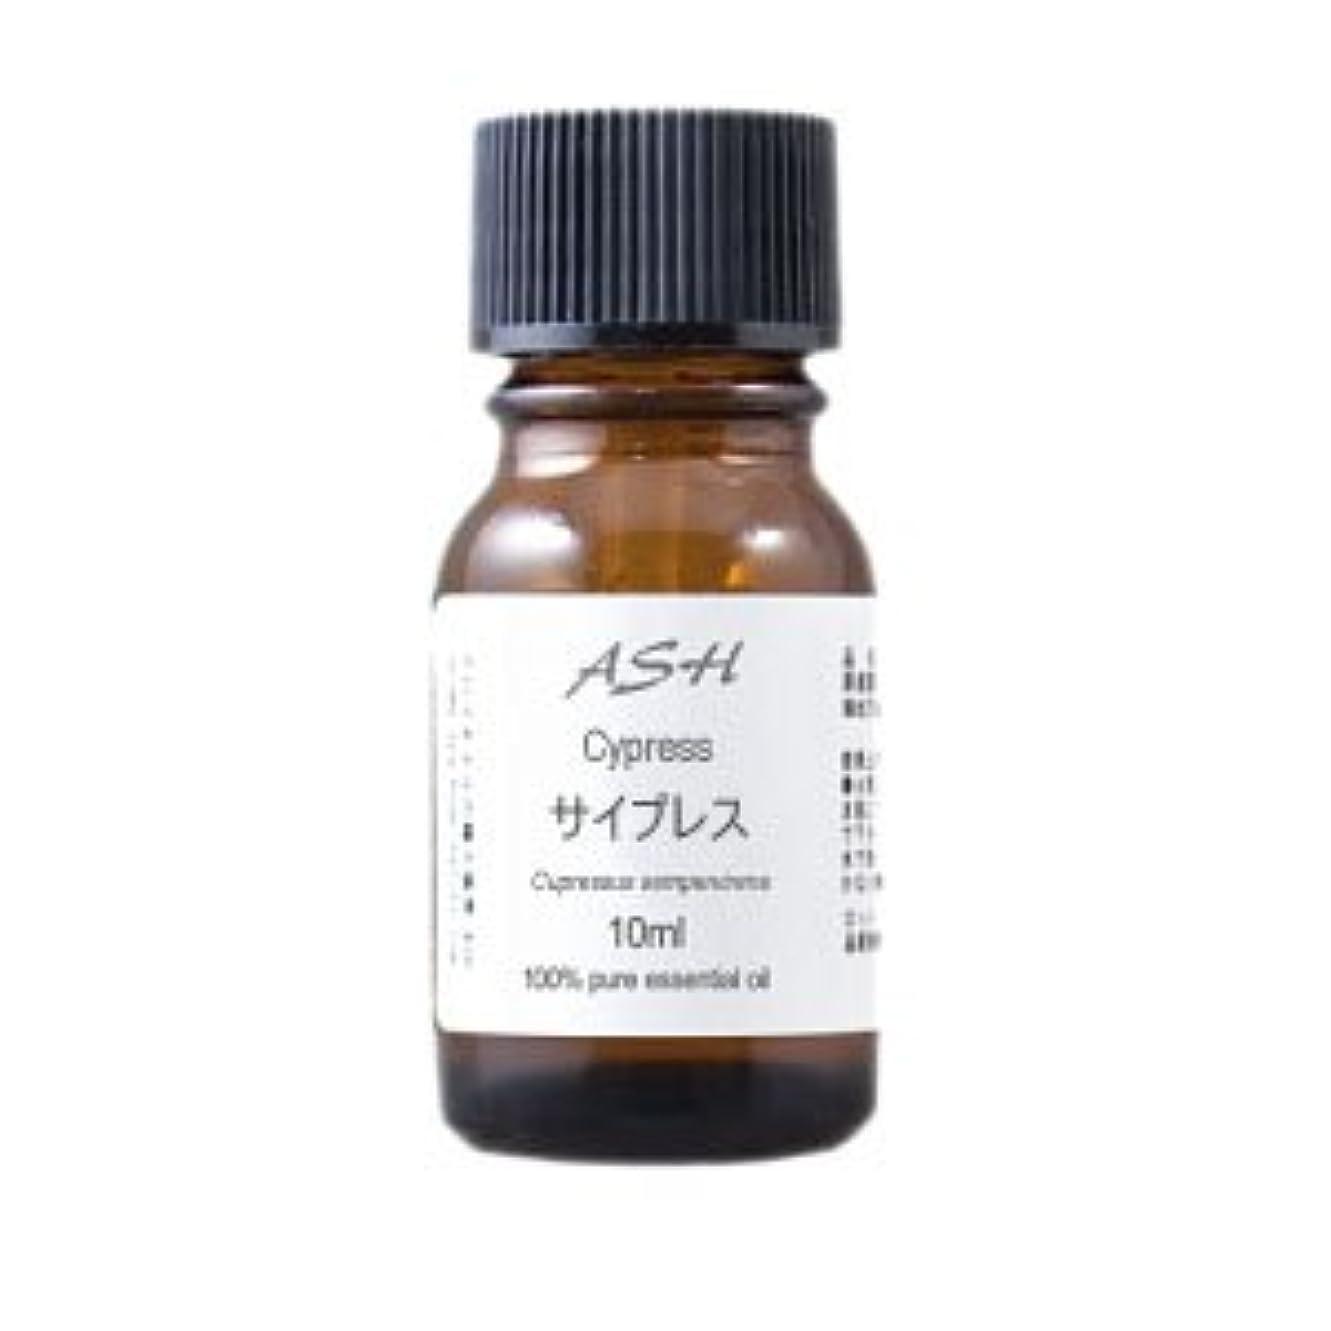 レタス環境保護主義者贅沢ASH サイプレス エッセンシャルオイル 10ml AEAJ表示基準適合認定精油